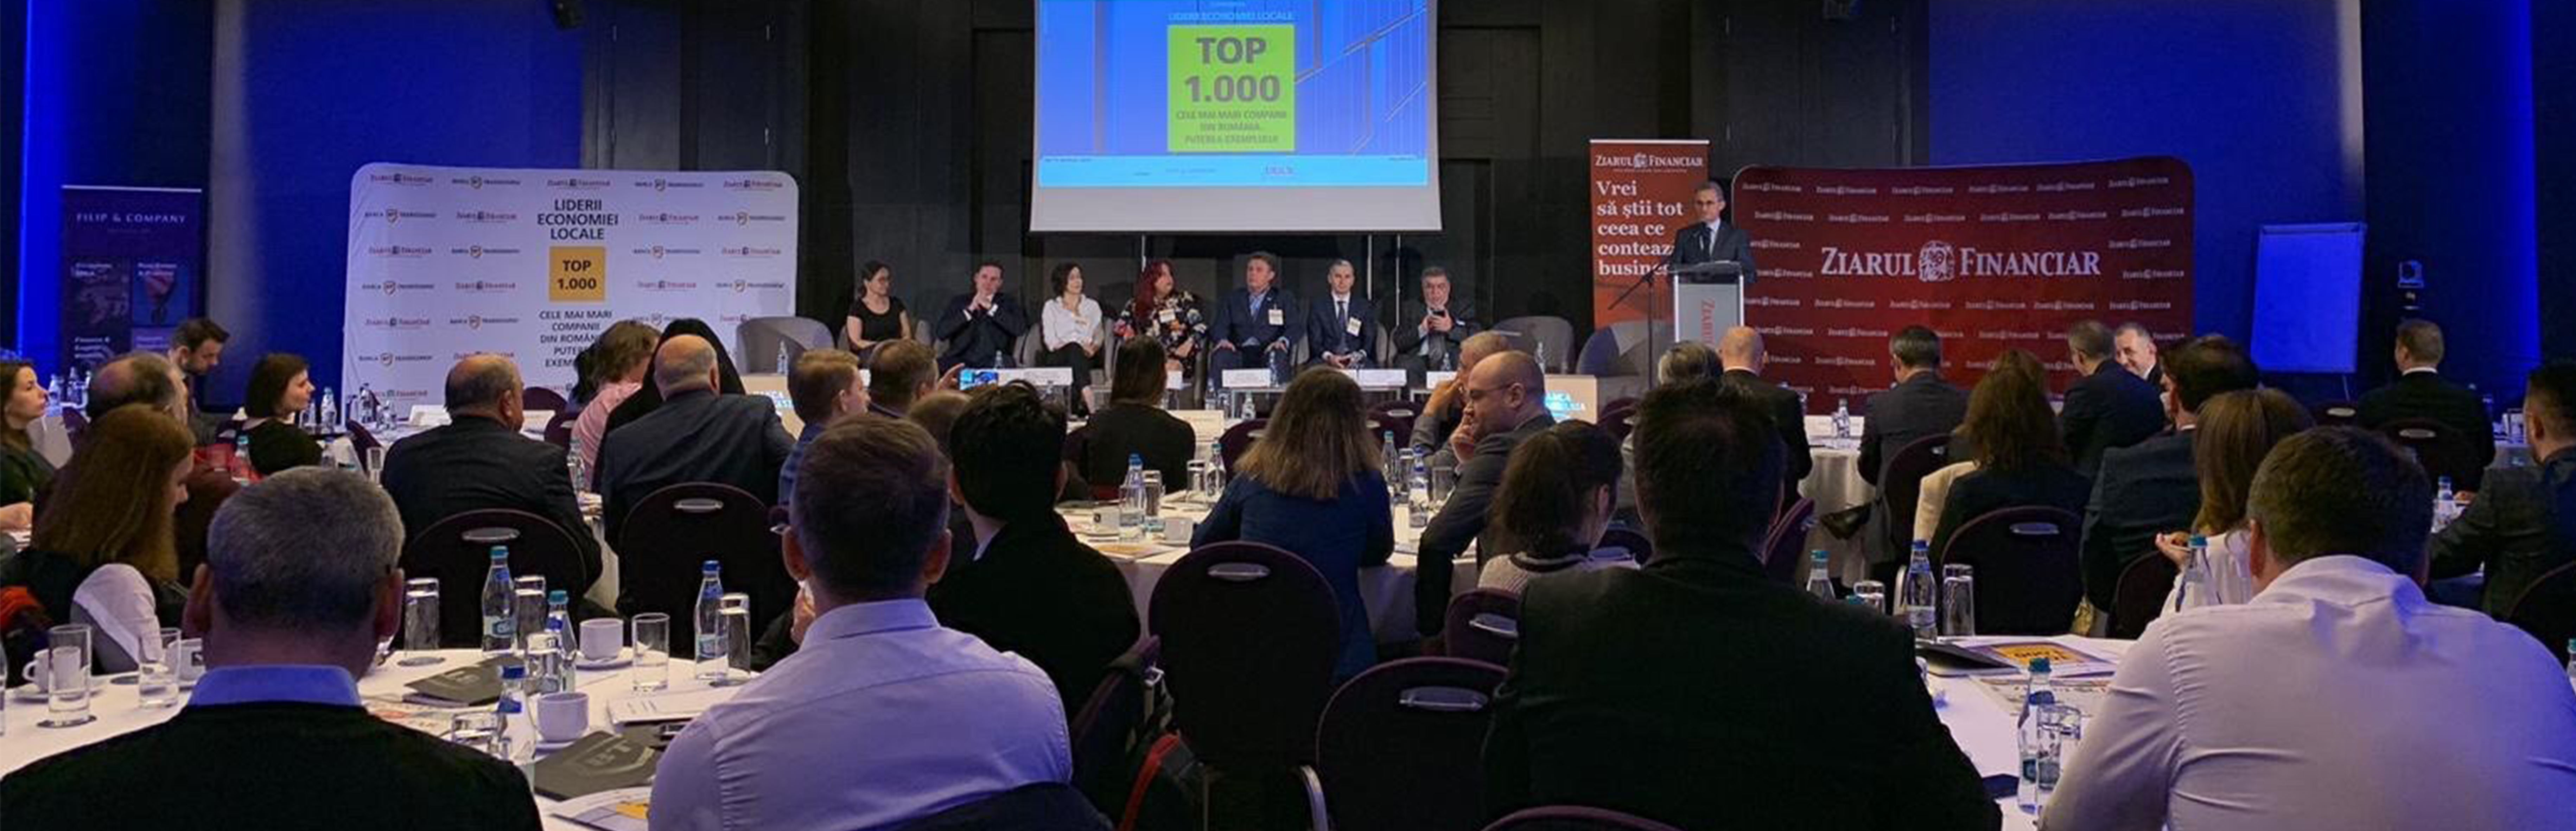 Mesajele BT la conferința ZF, Top 1.000 cele mai mari companii din România. Puterea exemplului